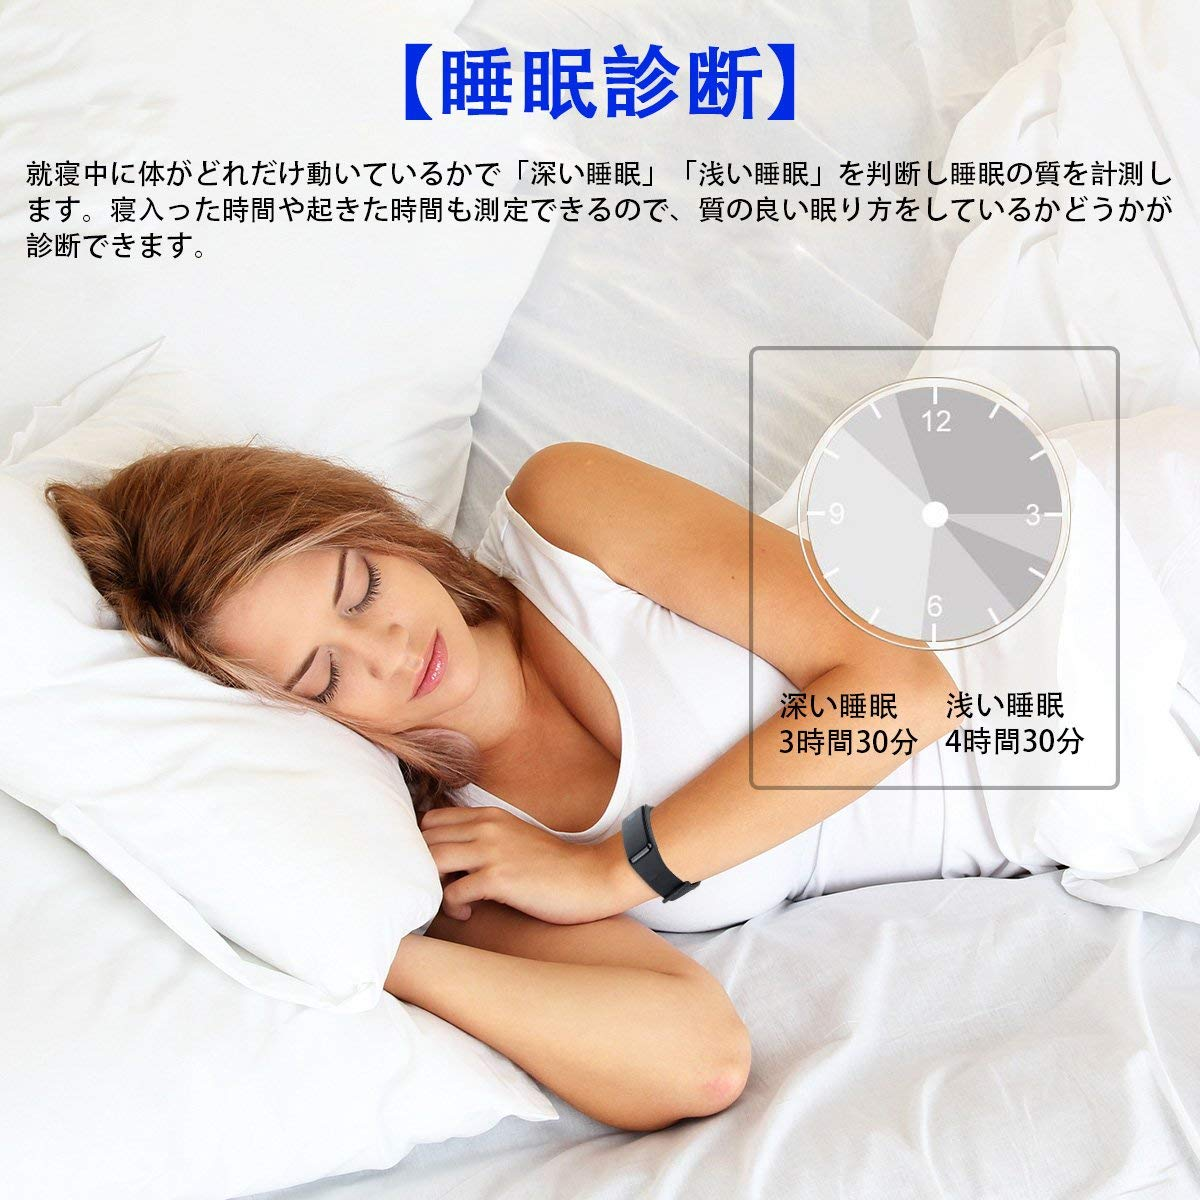 【悲報】なぜ日本は「睡眠不足大国」に転落してしまったのか・・・その理由がこれ